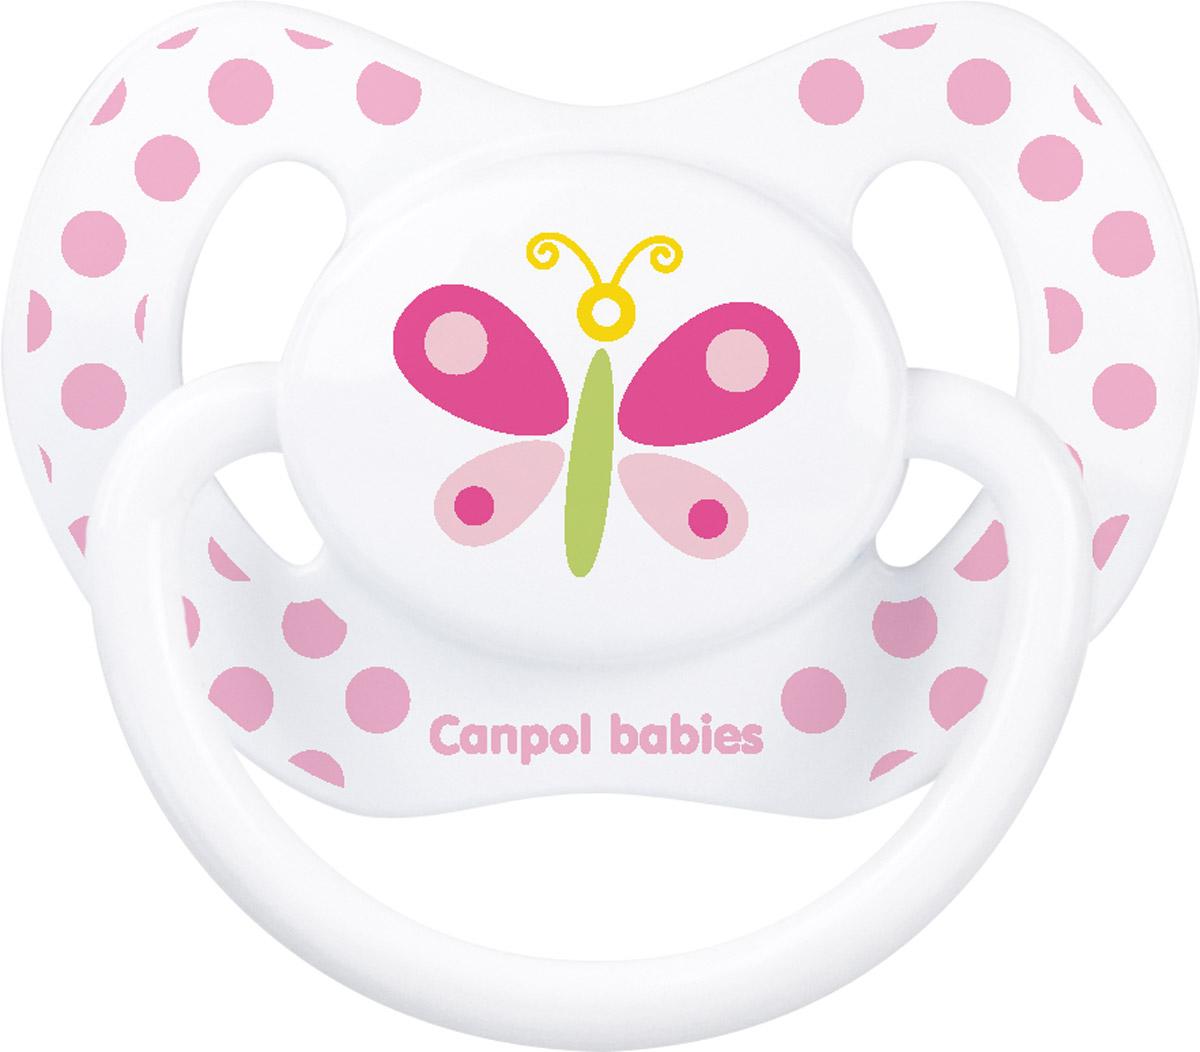 Canpol Babies Пустышка силиконовая ортодонтическая Бабочка от 18 месяцев пустышки canpol силиконовая ортодонтическая 6 18 мес 22 501